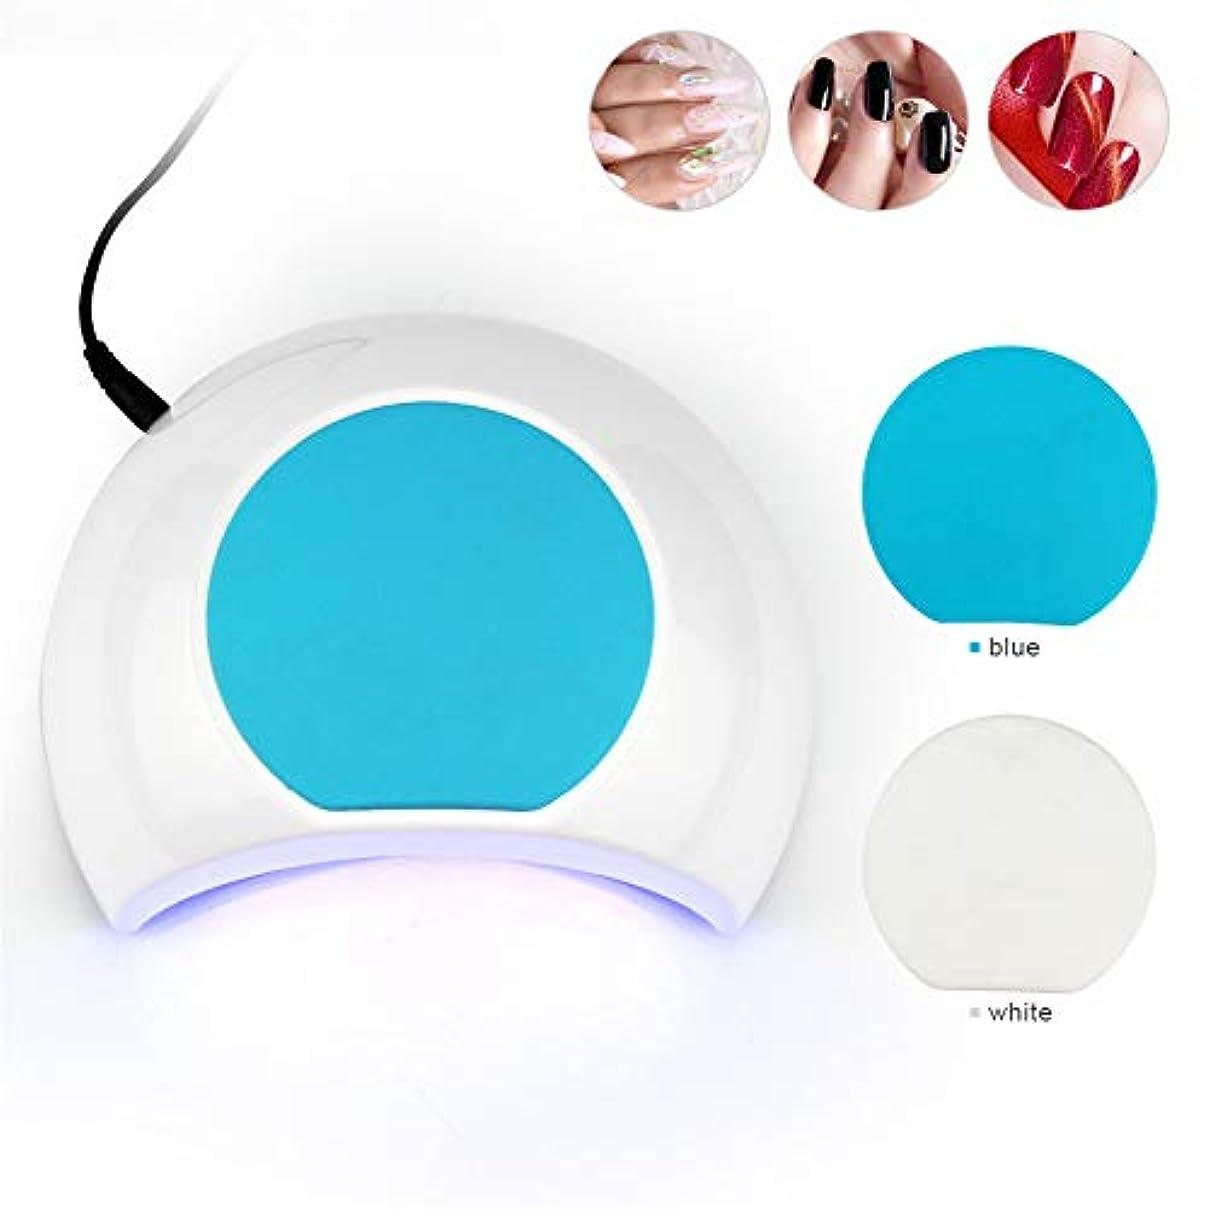 いたずら第二輸血UVランプ36W LEDネイルドライヤーマニキュアランプマシンダブルライトオートモーションドライ用硬化ジェルポリッシュネイルアートツール